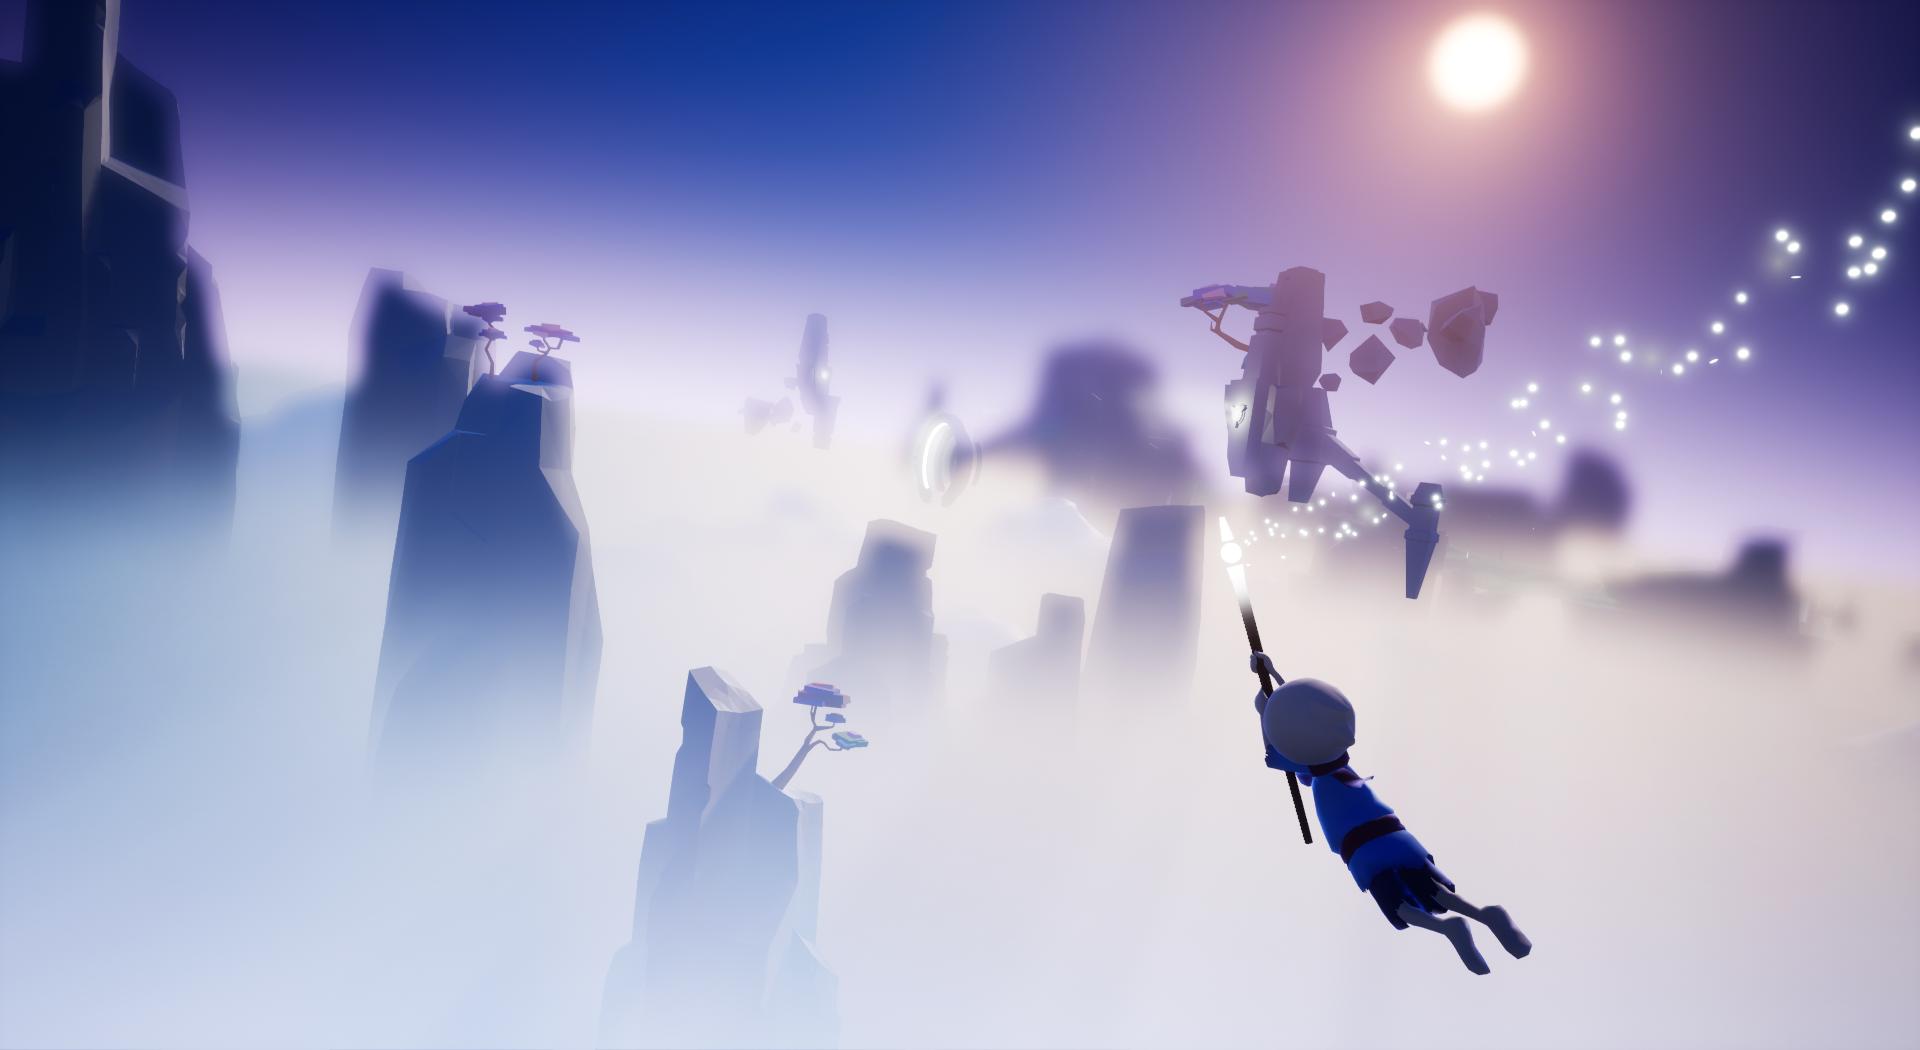 Screenshot, gliding in the air